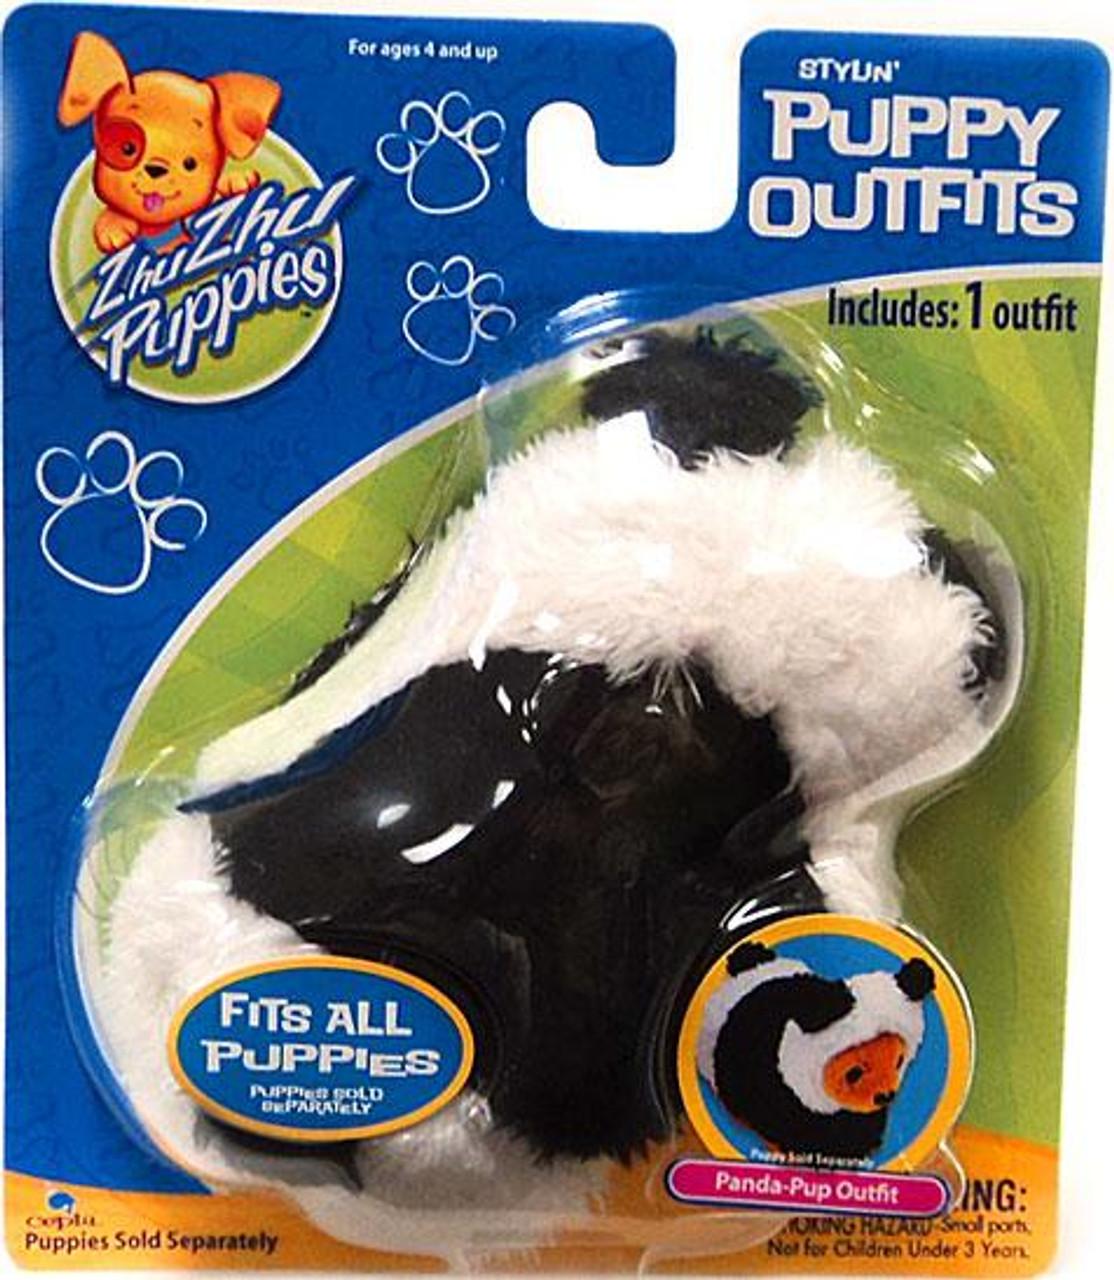 Zhu Zhu Pets Zhu Zhu Puppies Puppy Outfits Panda-Pup Outfit Accessory Set